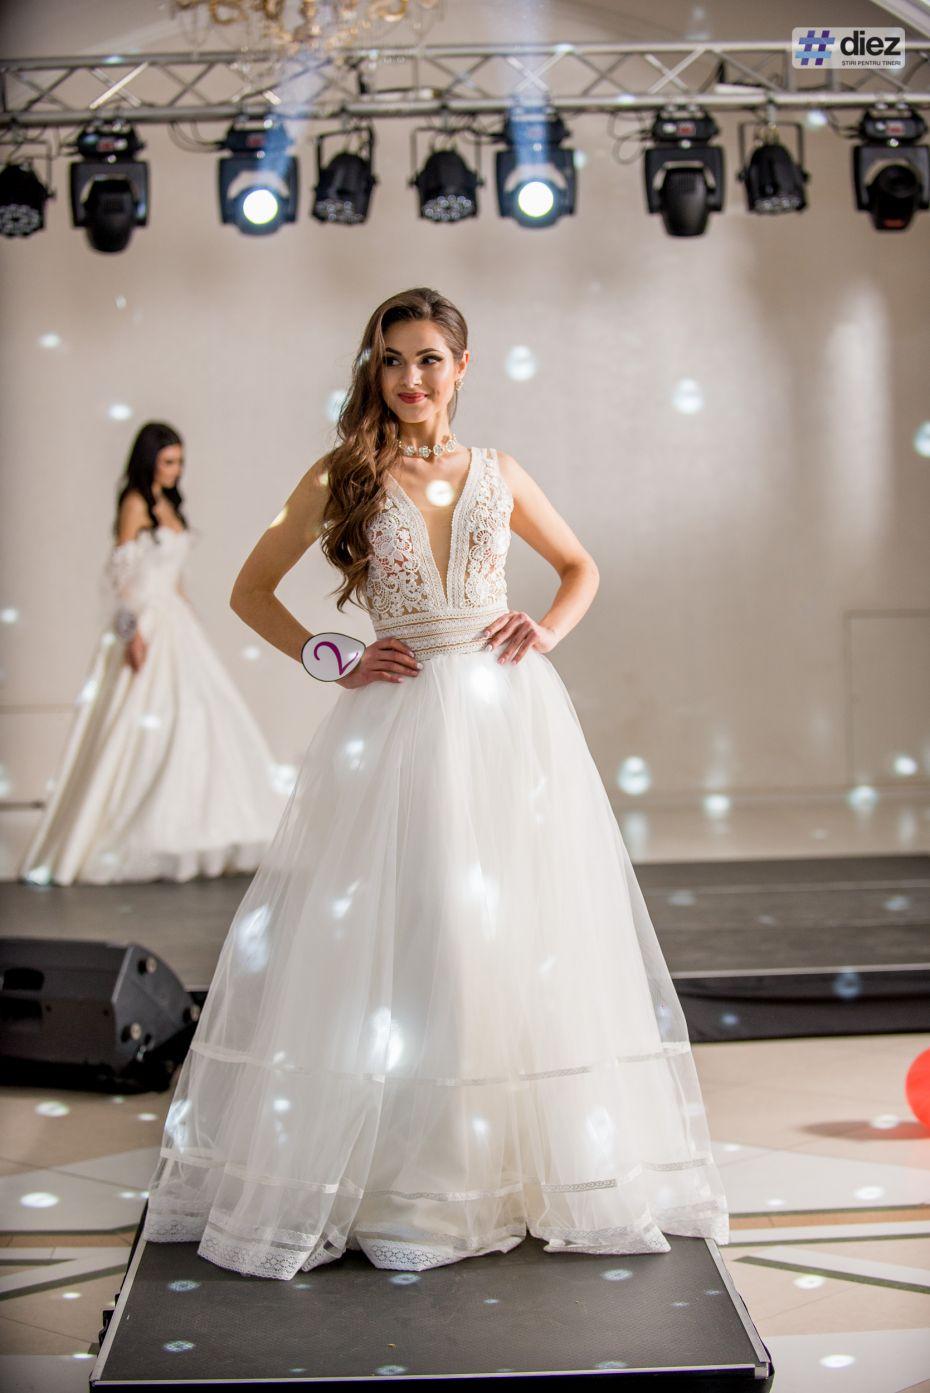 Miss asem 2019 (26)